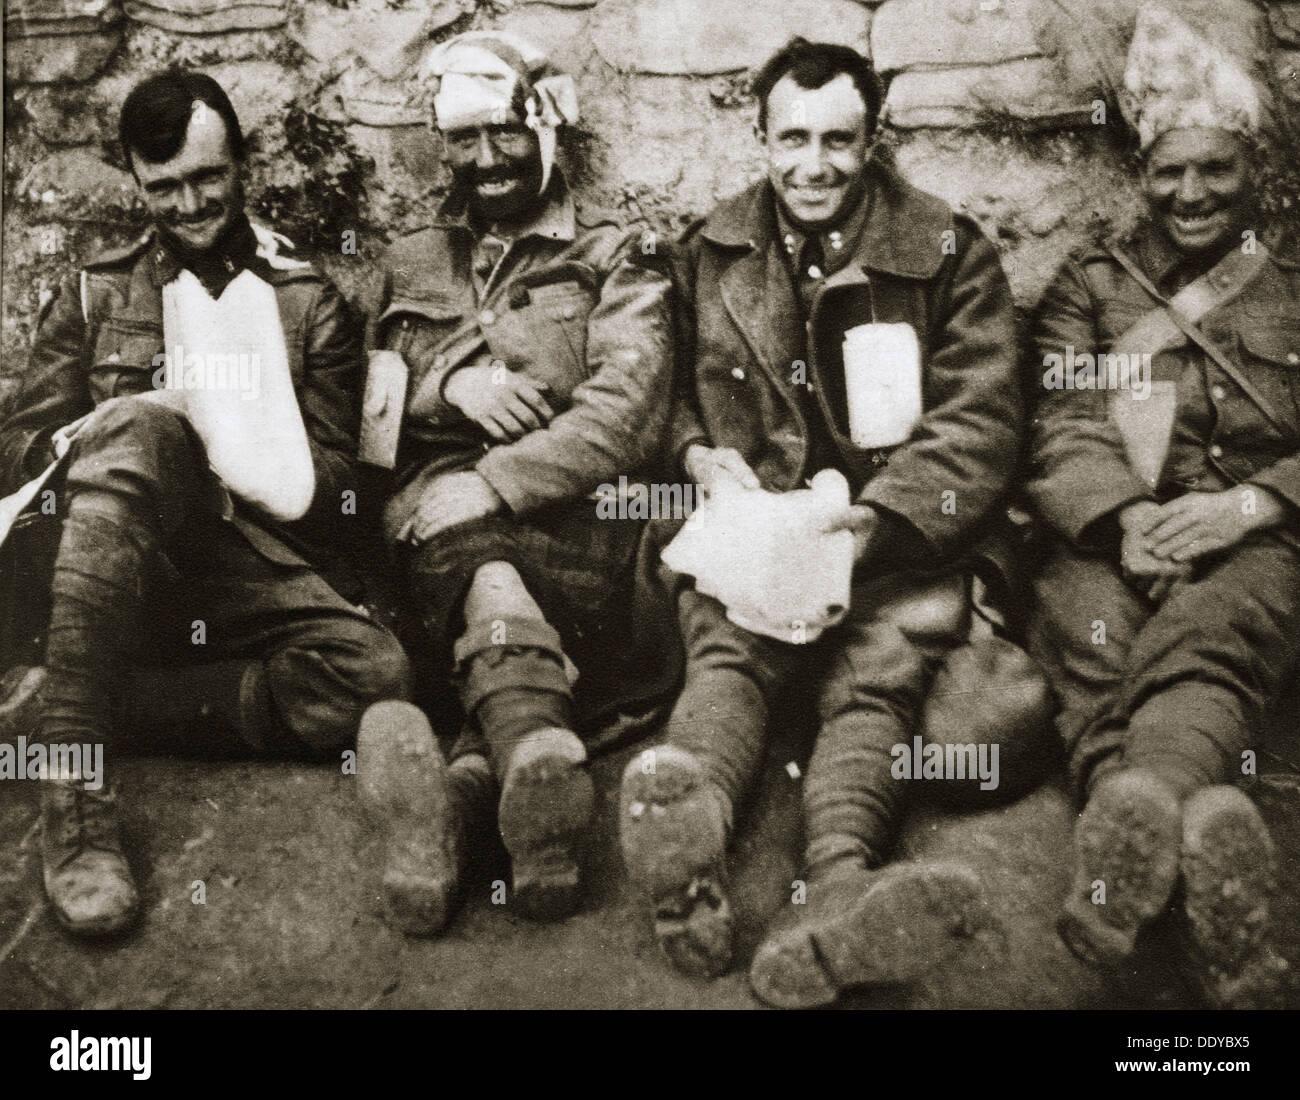 """'It's a Long Way to Tipperary"""", les troupes irlandaises à Gallipoli, en Turquie, la Première Guerre mondiale, c1915 Banque D'Images"""